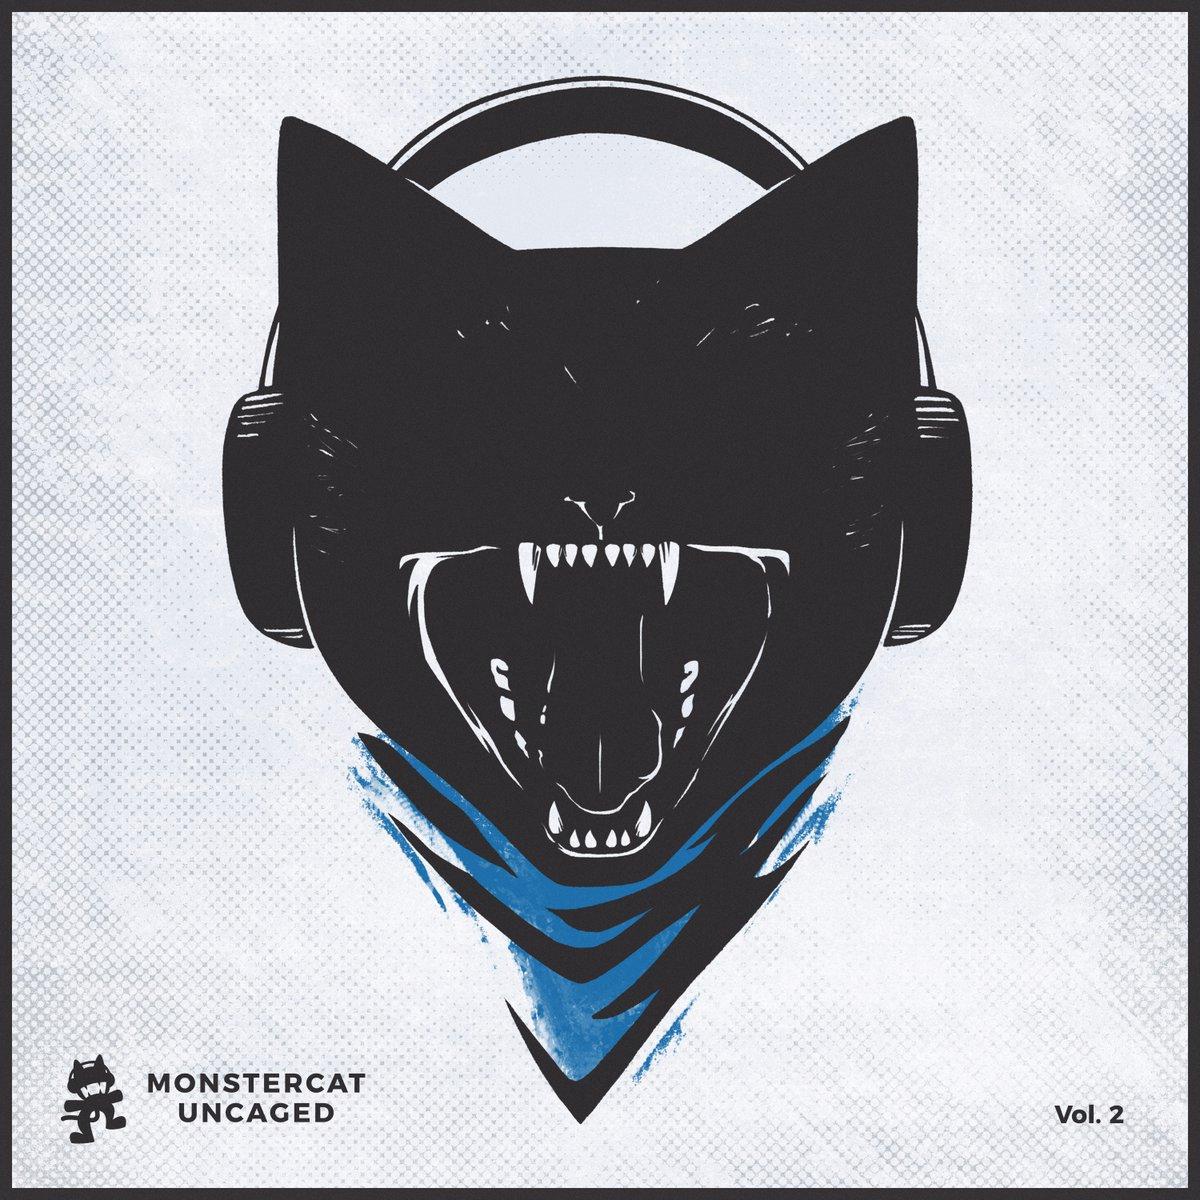 Uncaged Vol. 2 Album Mix